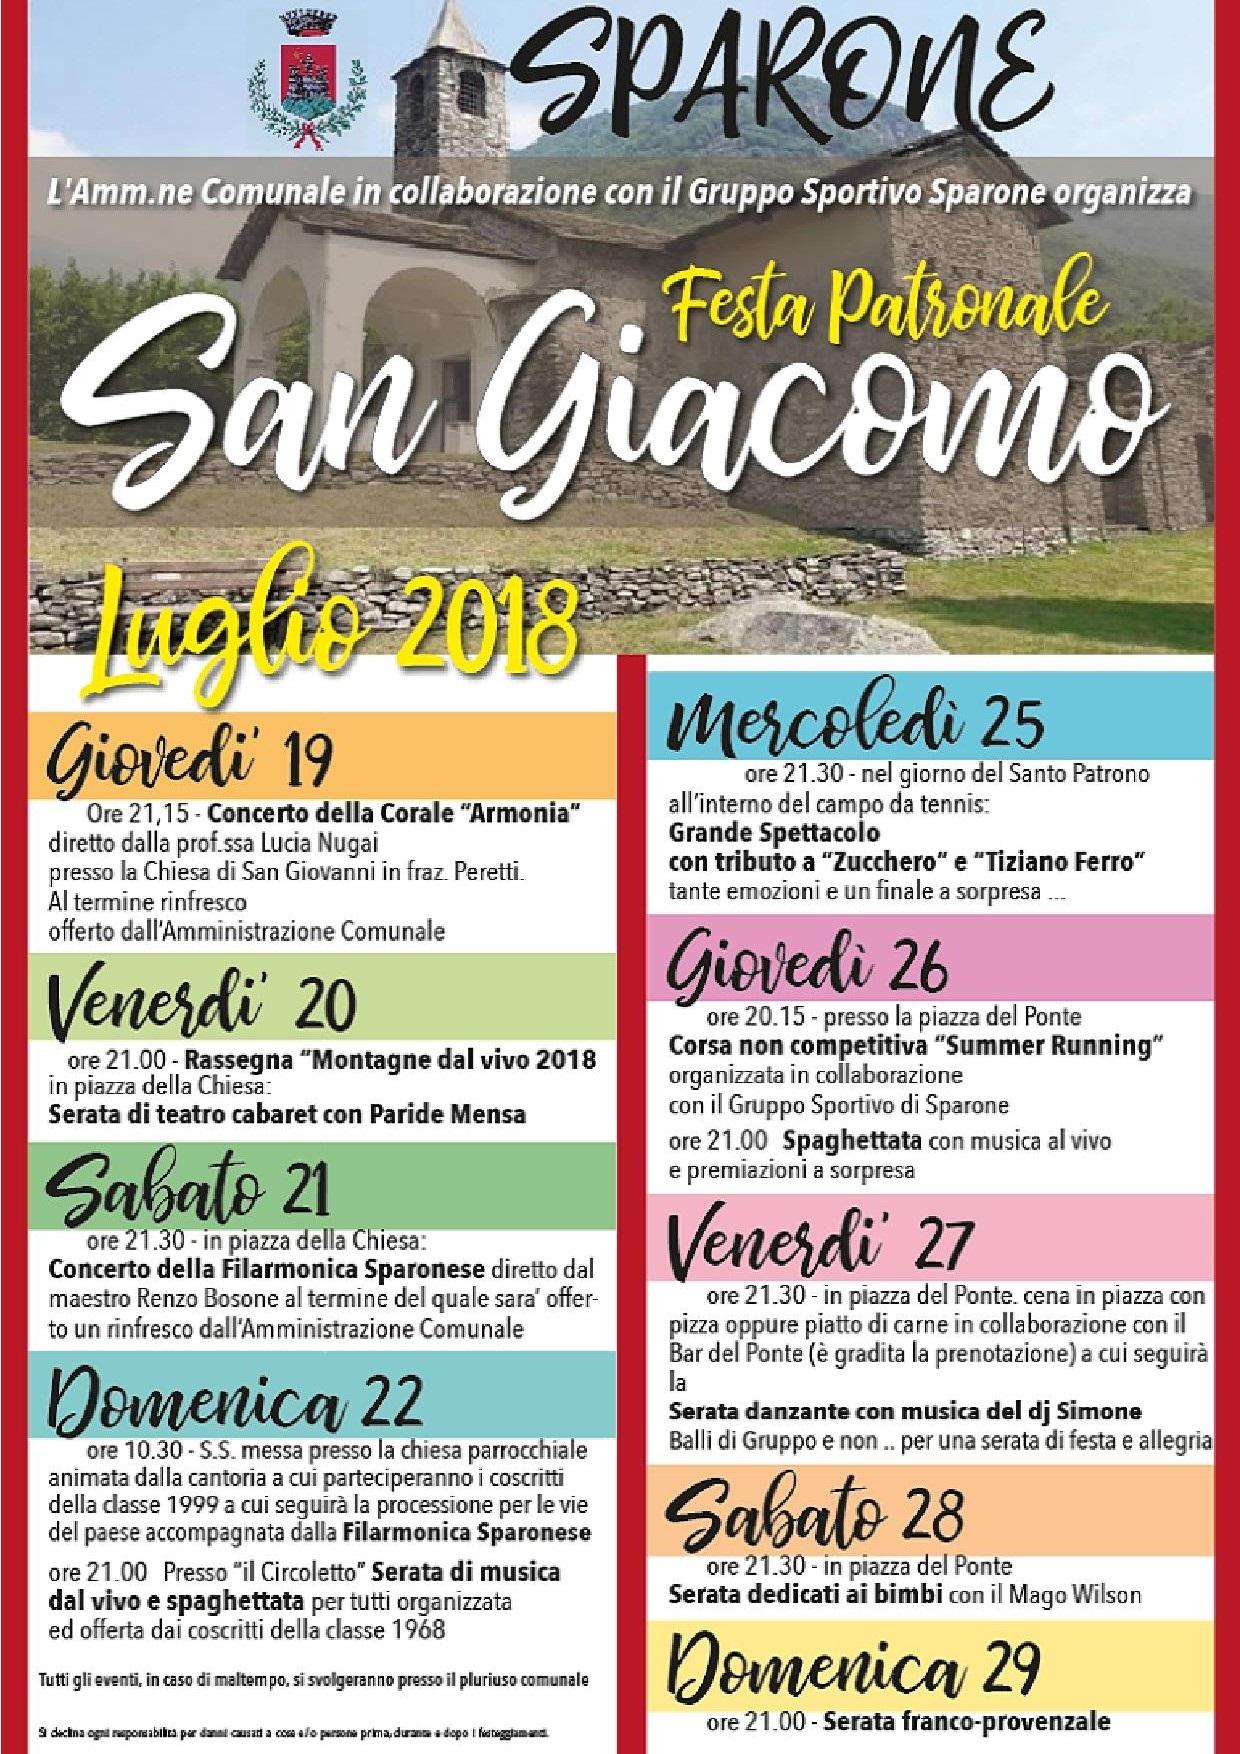 Sparone_sangiacomo